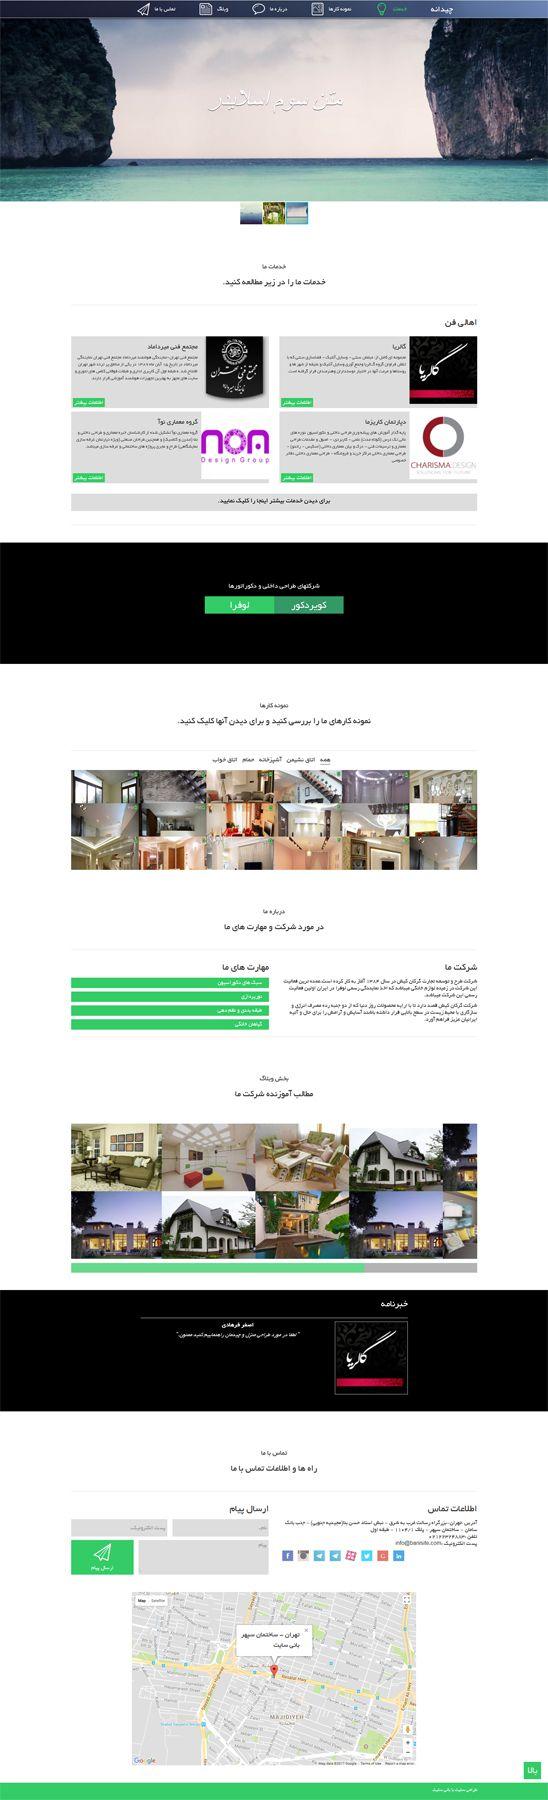 طراحی سایت دکوراسیون چیدانه